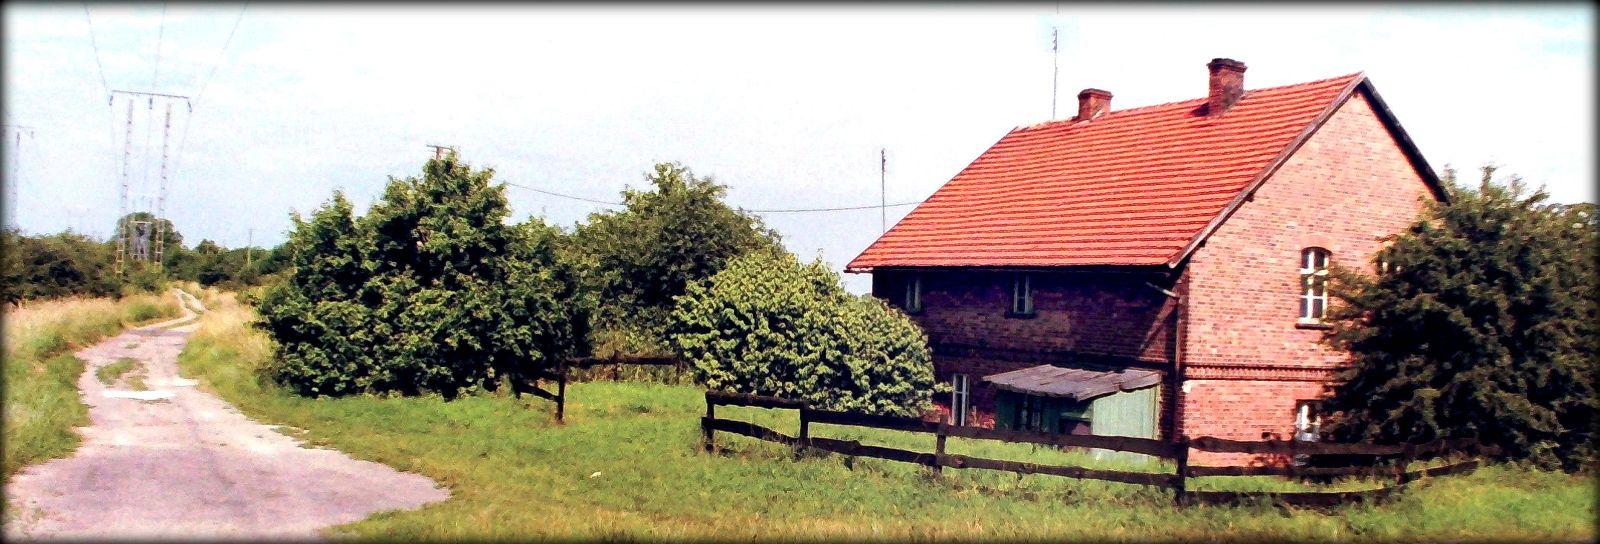 Prosto miejsce po torze w stronę Szczańca (Berlina), w prawo droga bita do Dąbrówki Wlkp. Foto z dnia 15.06.2002 roku.